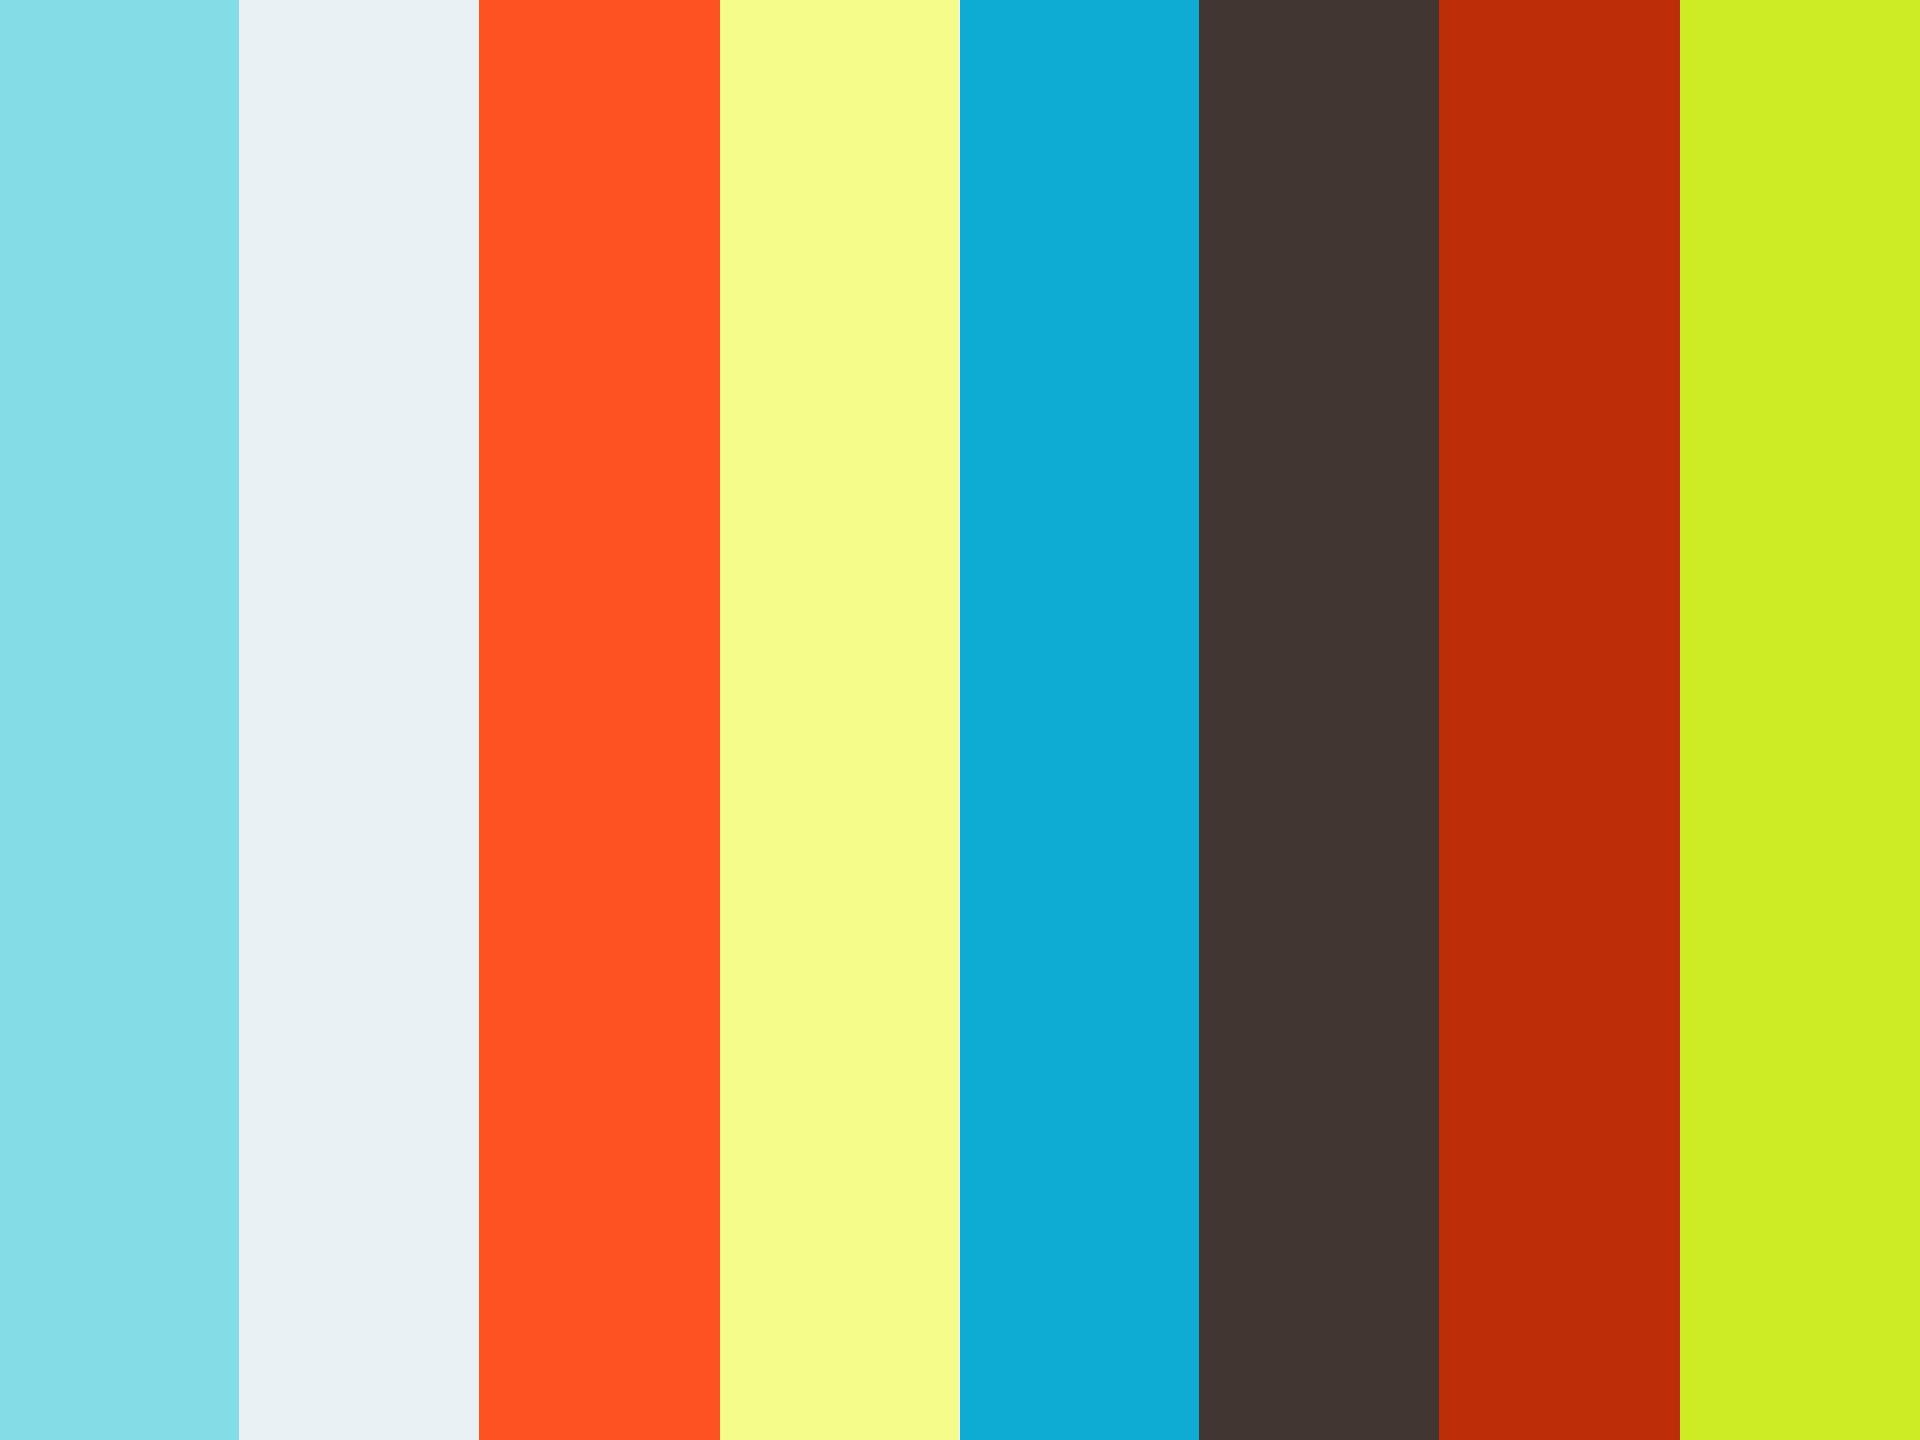 確実な色合わせを行うためのシェード伝達 仮想試適 #3 Keynote上での調整